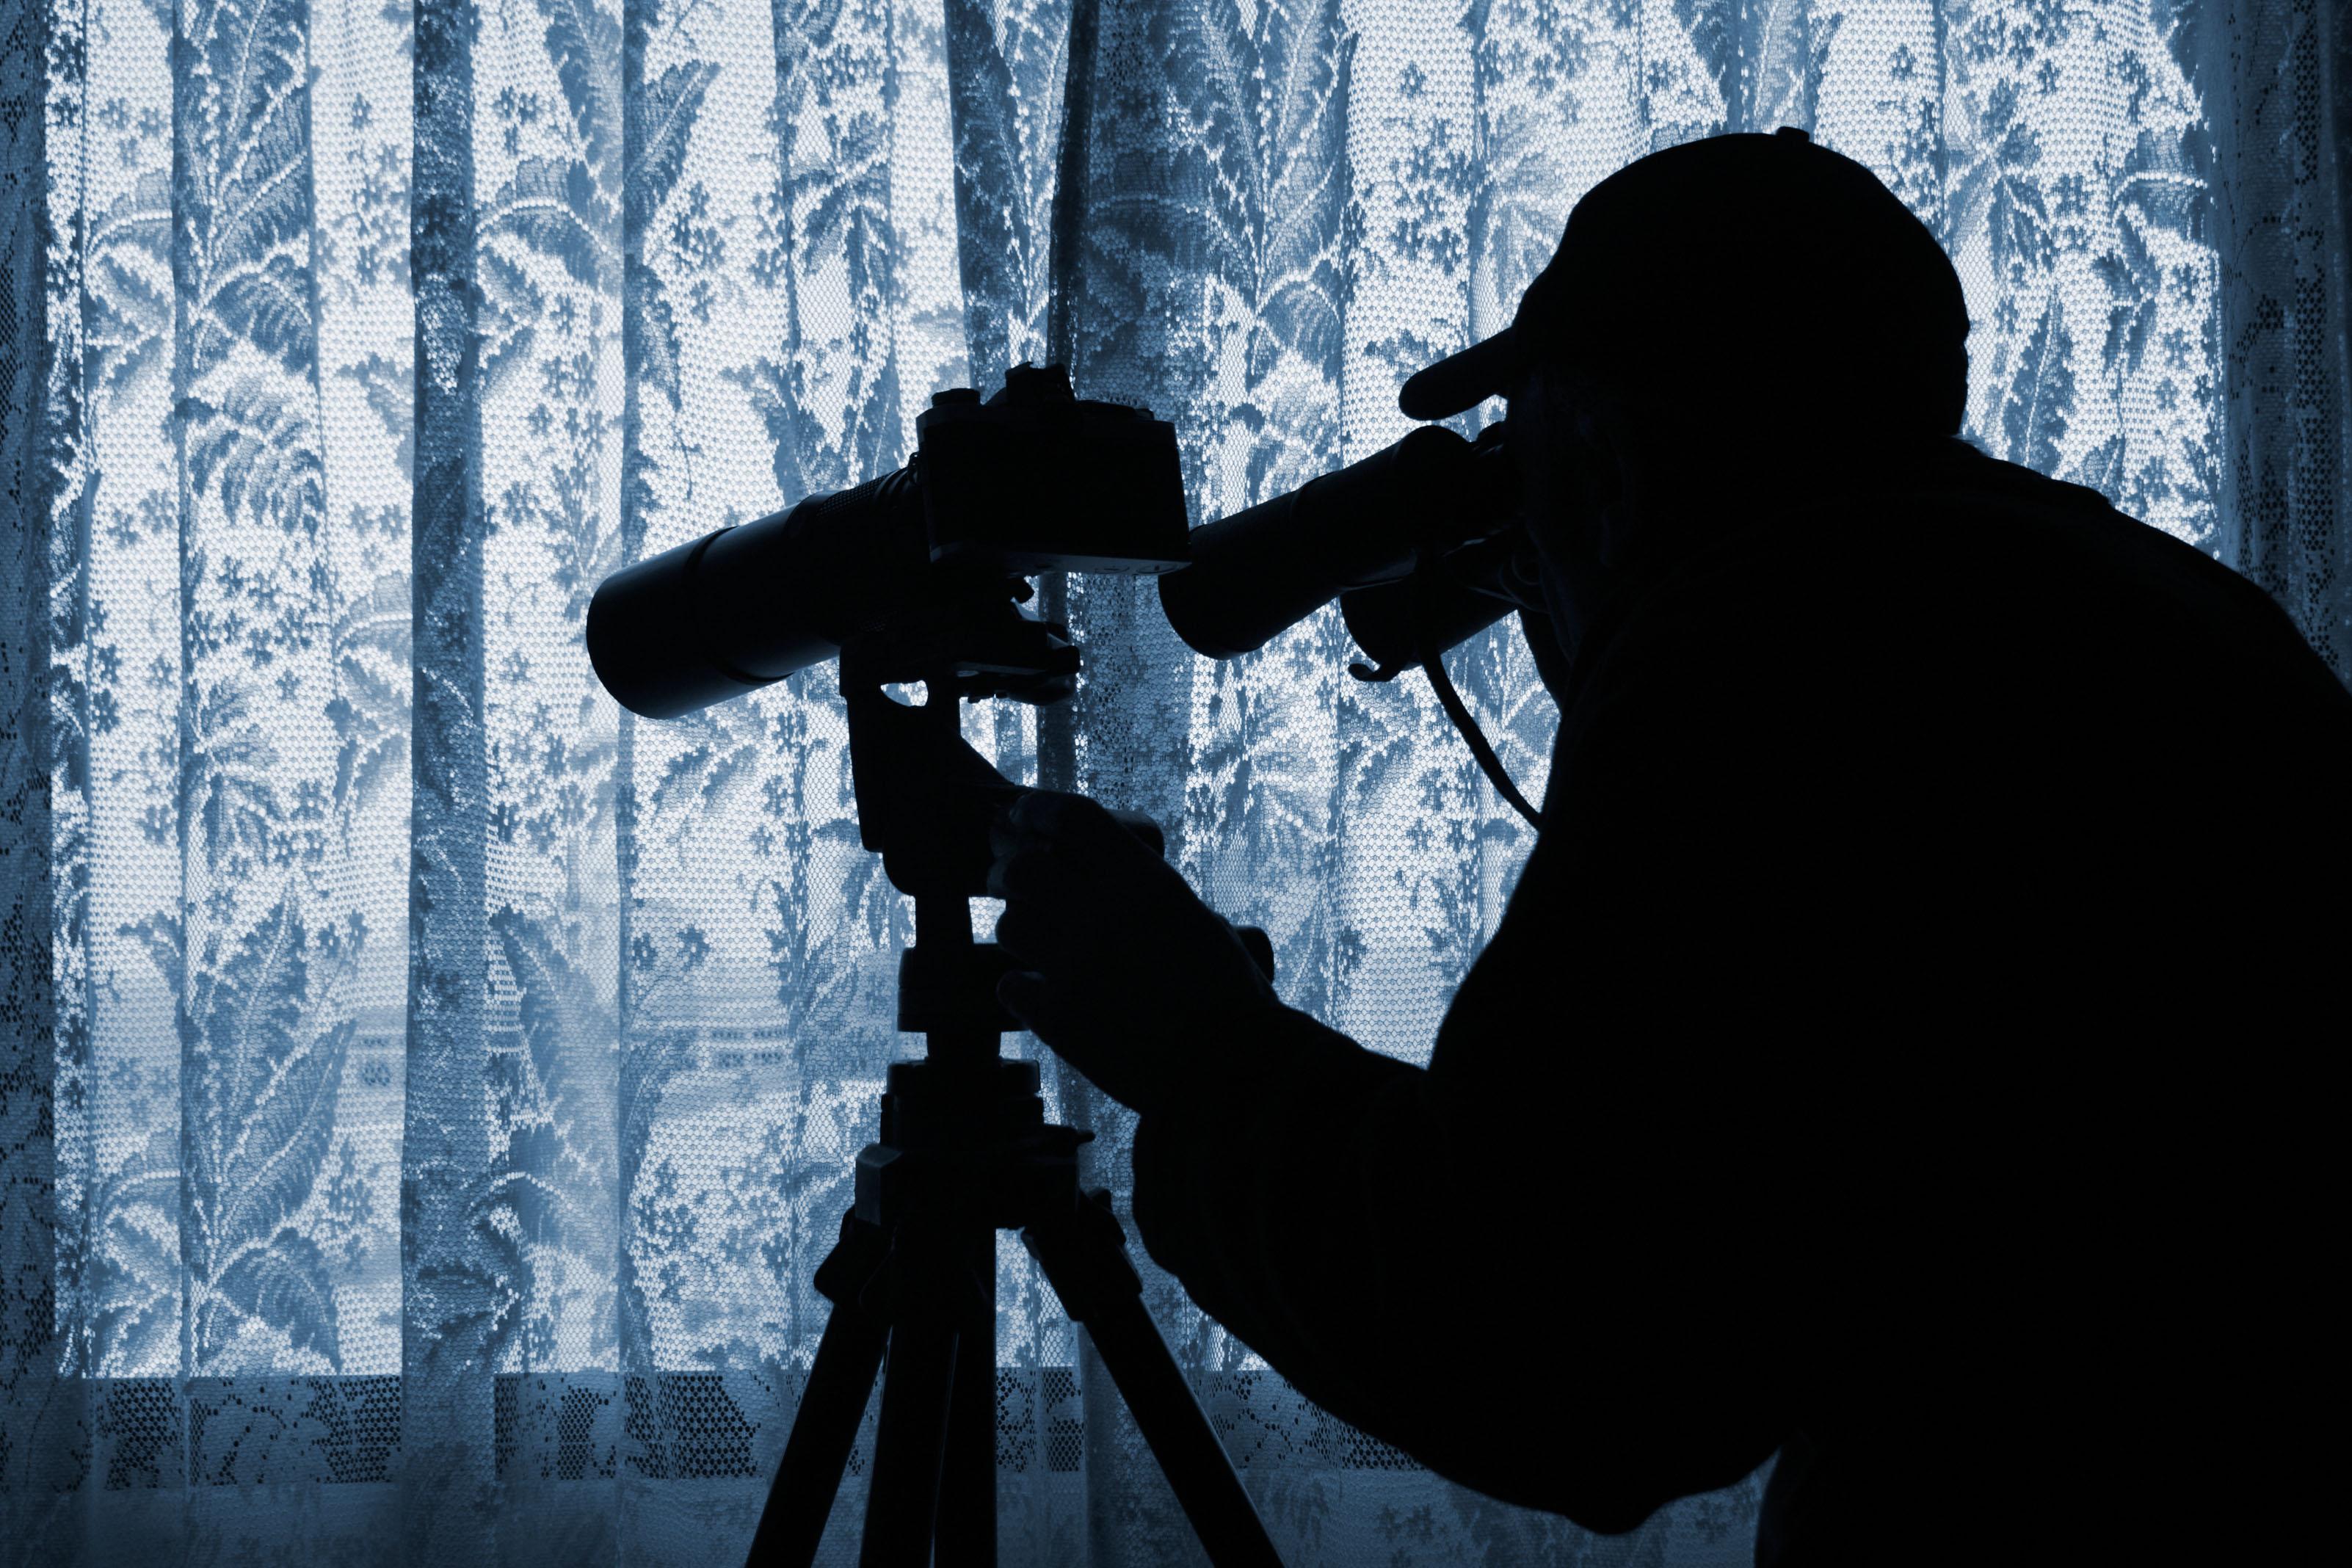 La rete di cyberspionaggio a Roma: dossier su politici e imprenditori